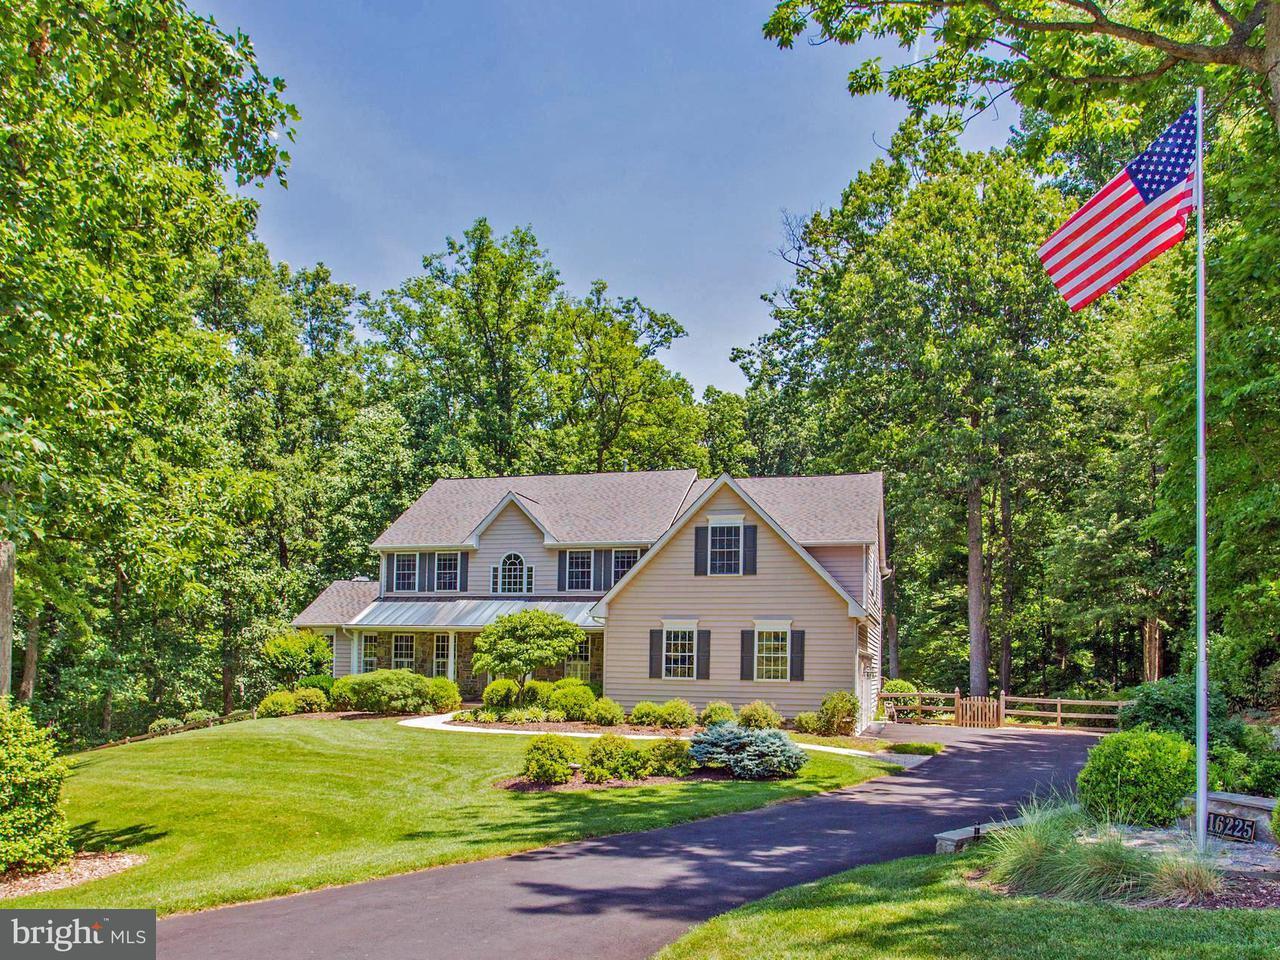 Casa Unifamiliar por un Venta en 16225 BLACK ROCK Road 16225 BLACK ROCK Road Darnestown, Maryland 20874 Estados Unidos